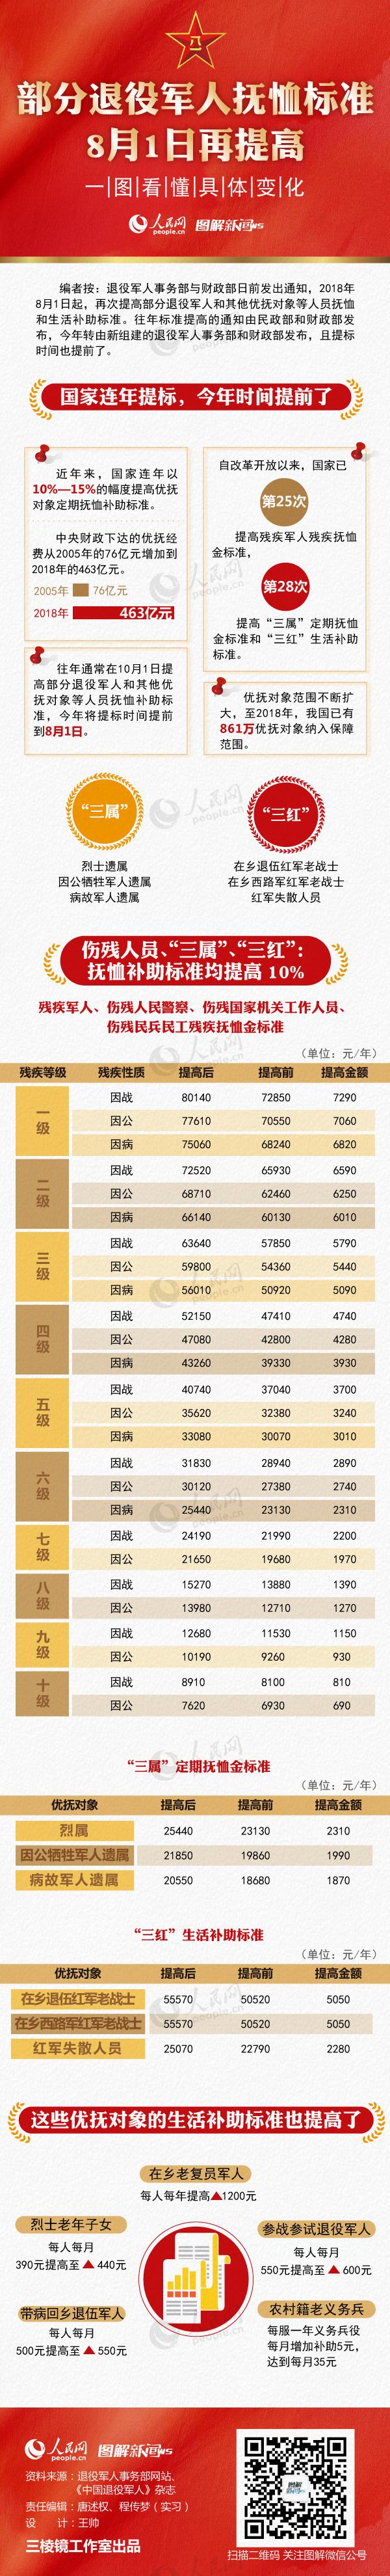 北京pk10冠亚和值口诀:部分退役军人抚恤标准8月1日再提高,一图看懂具体变化